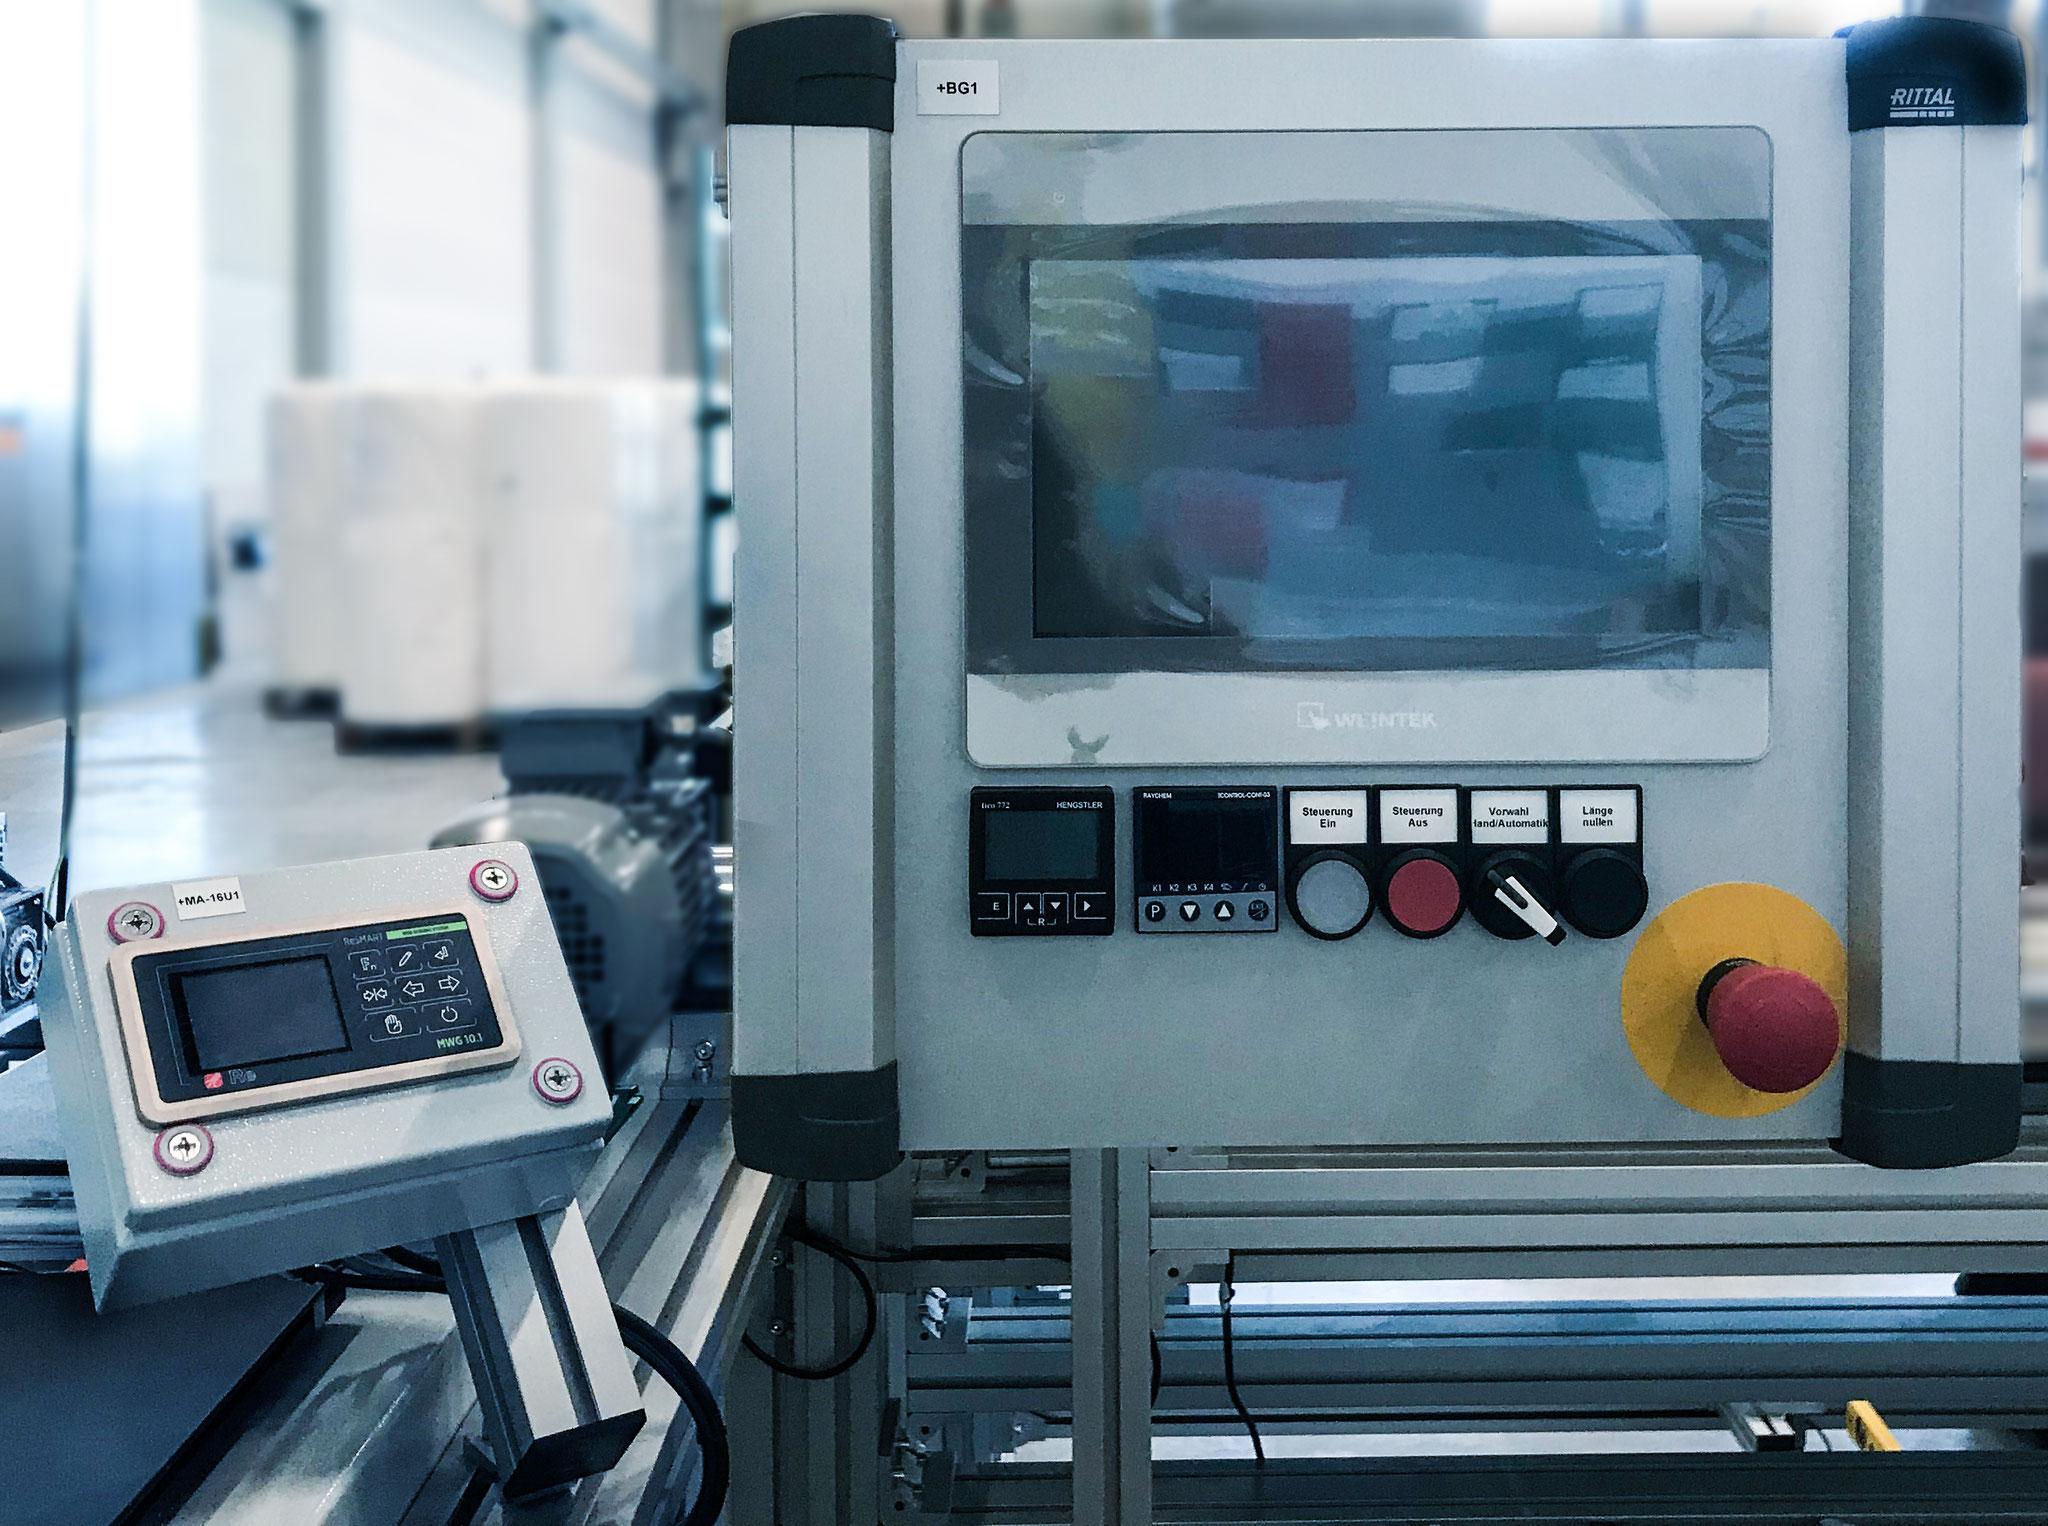 Dieses Steuerungs- und Antriebssystem haben wir speziell für einen Produktionsprozess von Folien konzipiert.